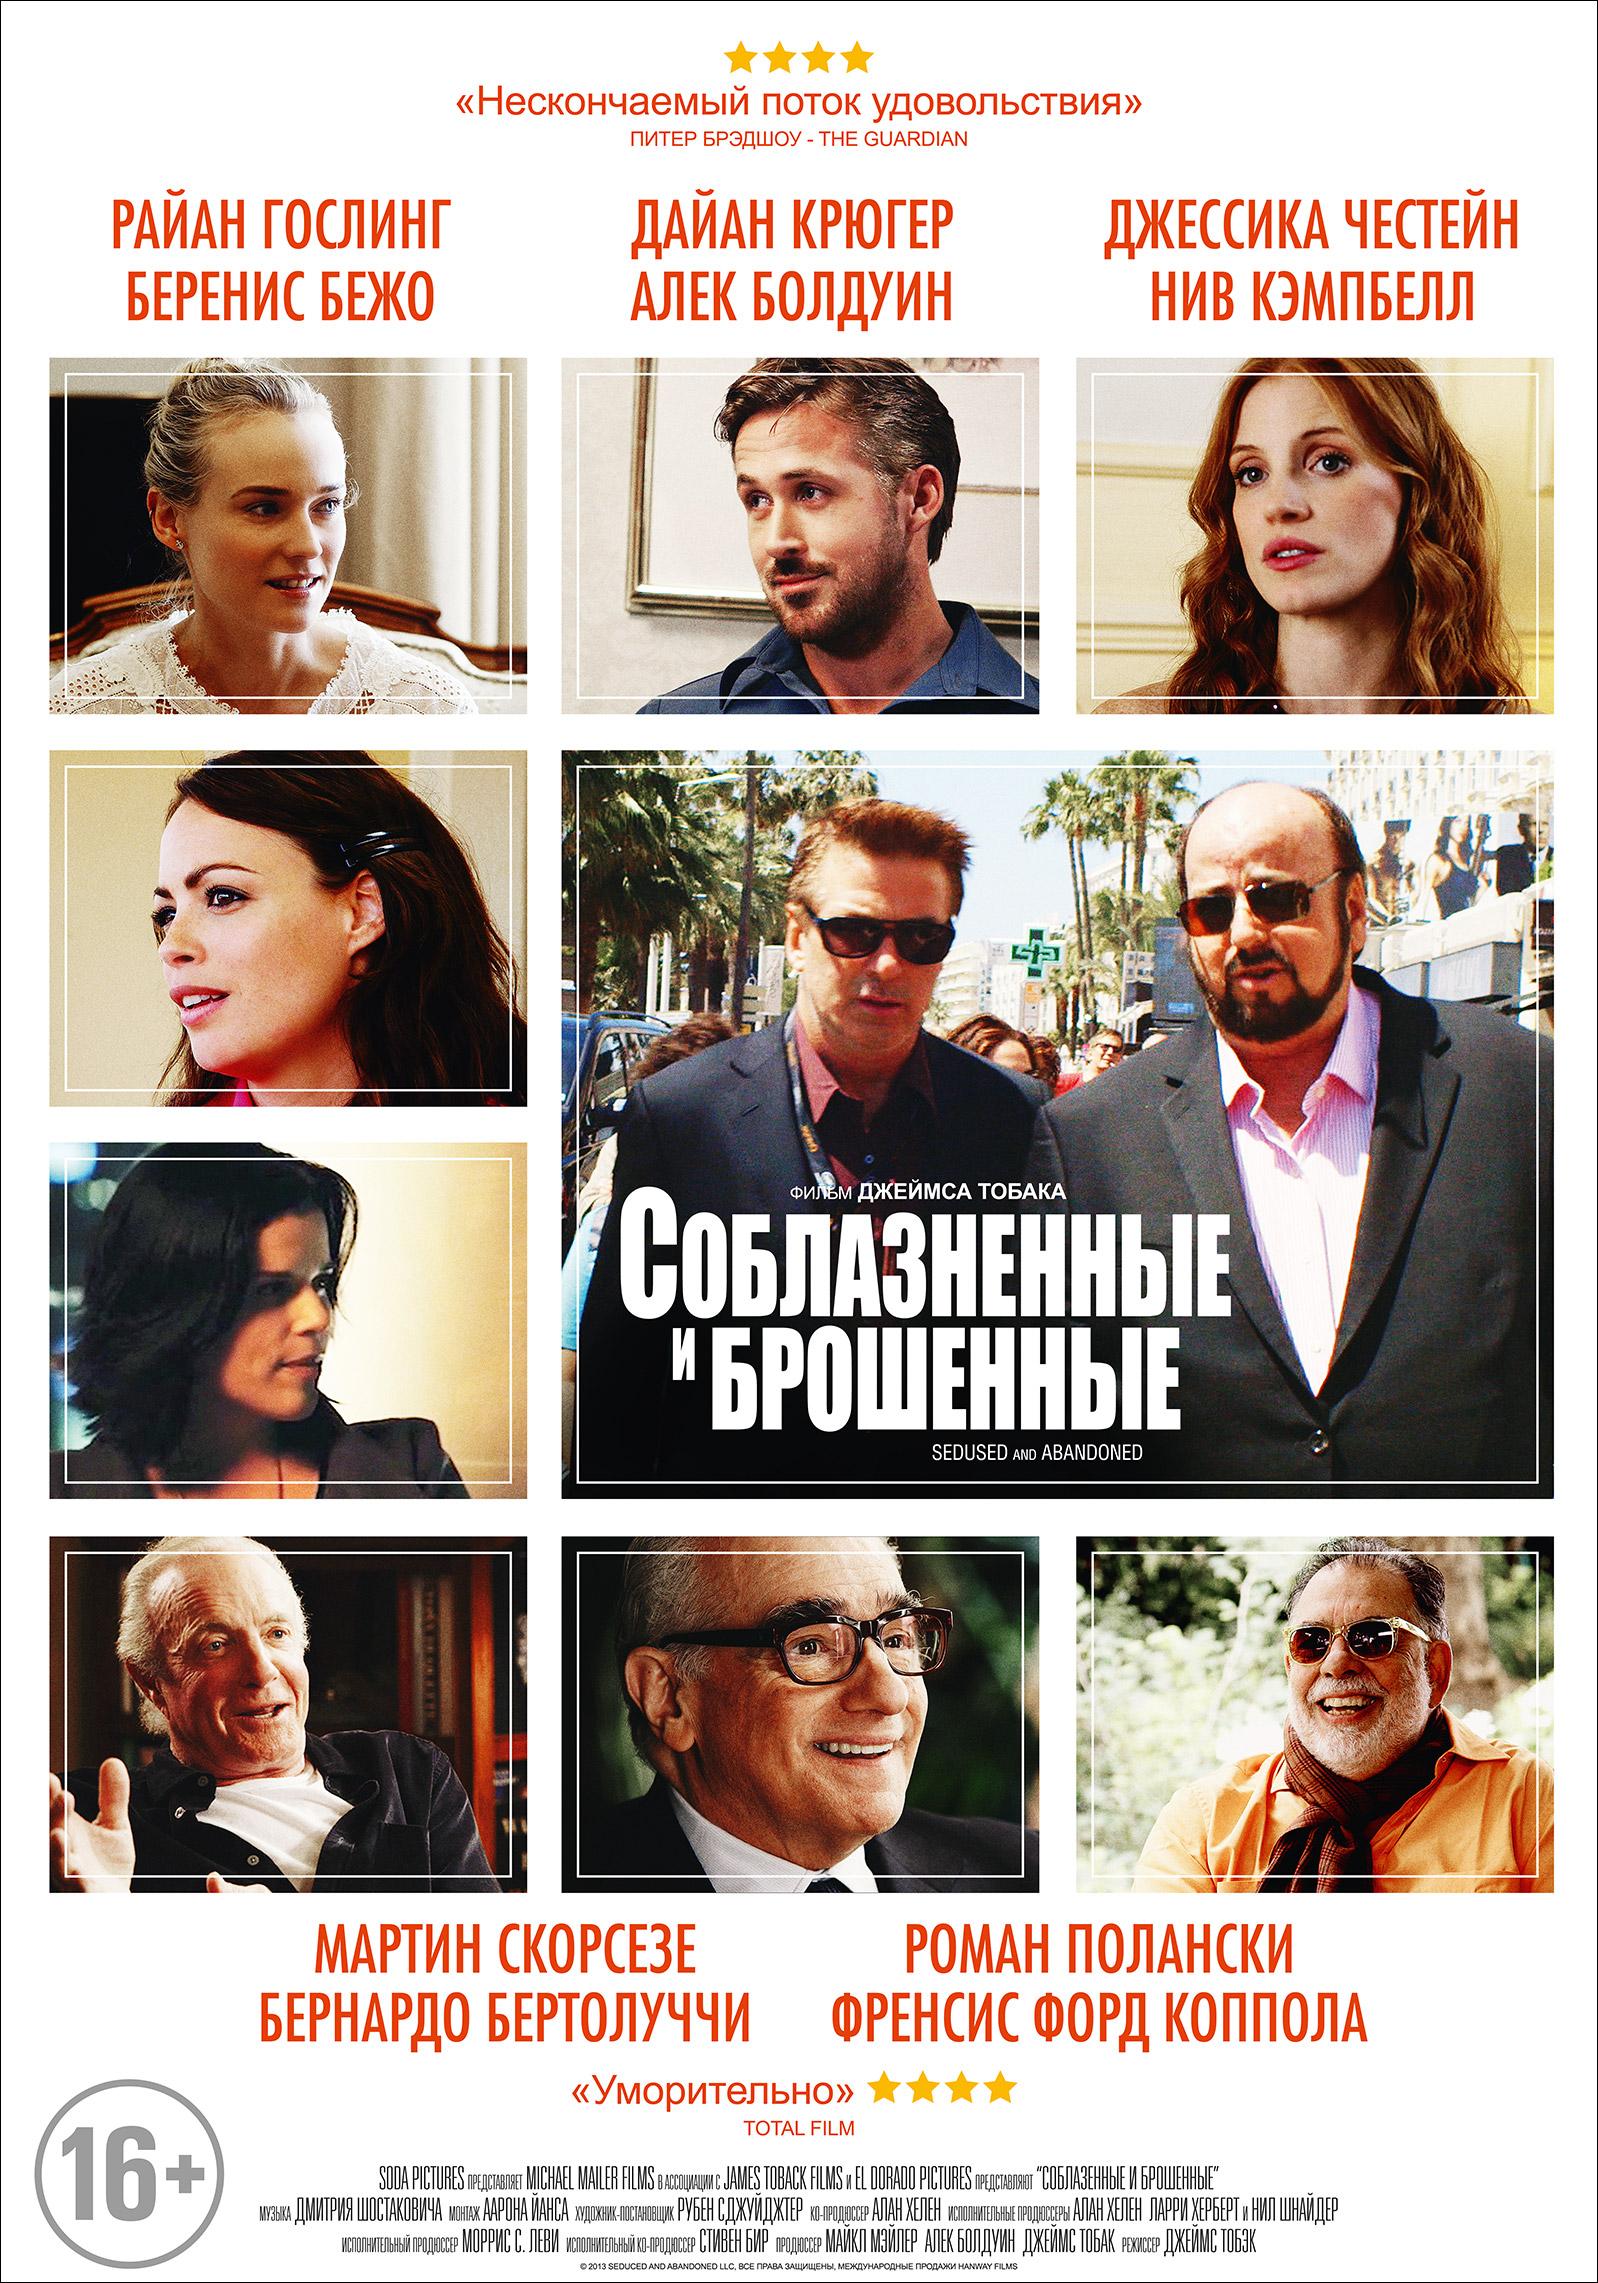 soblaznennie-i-broshennie-film-2014